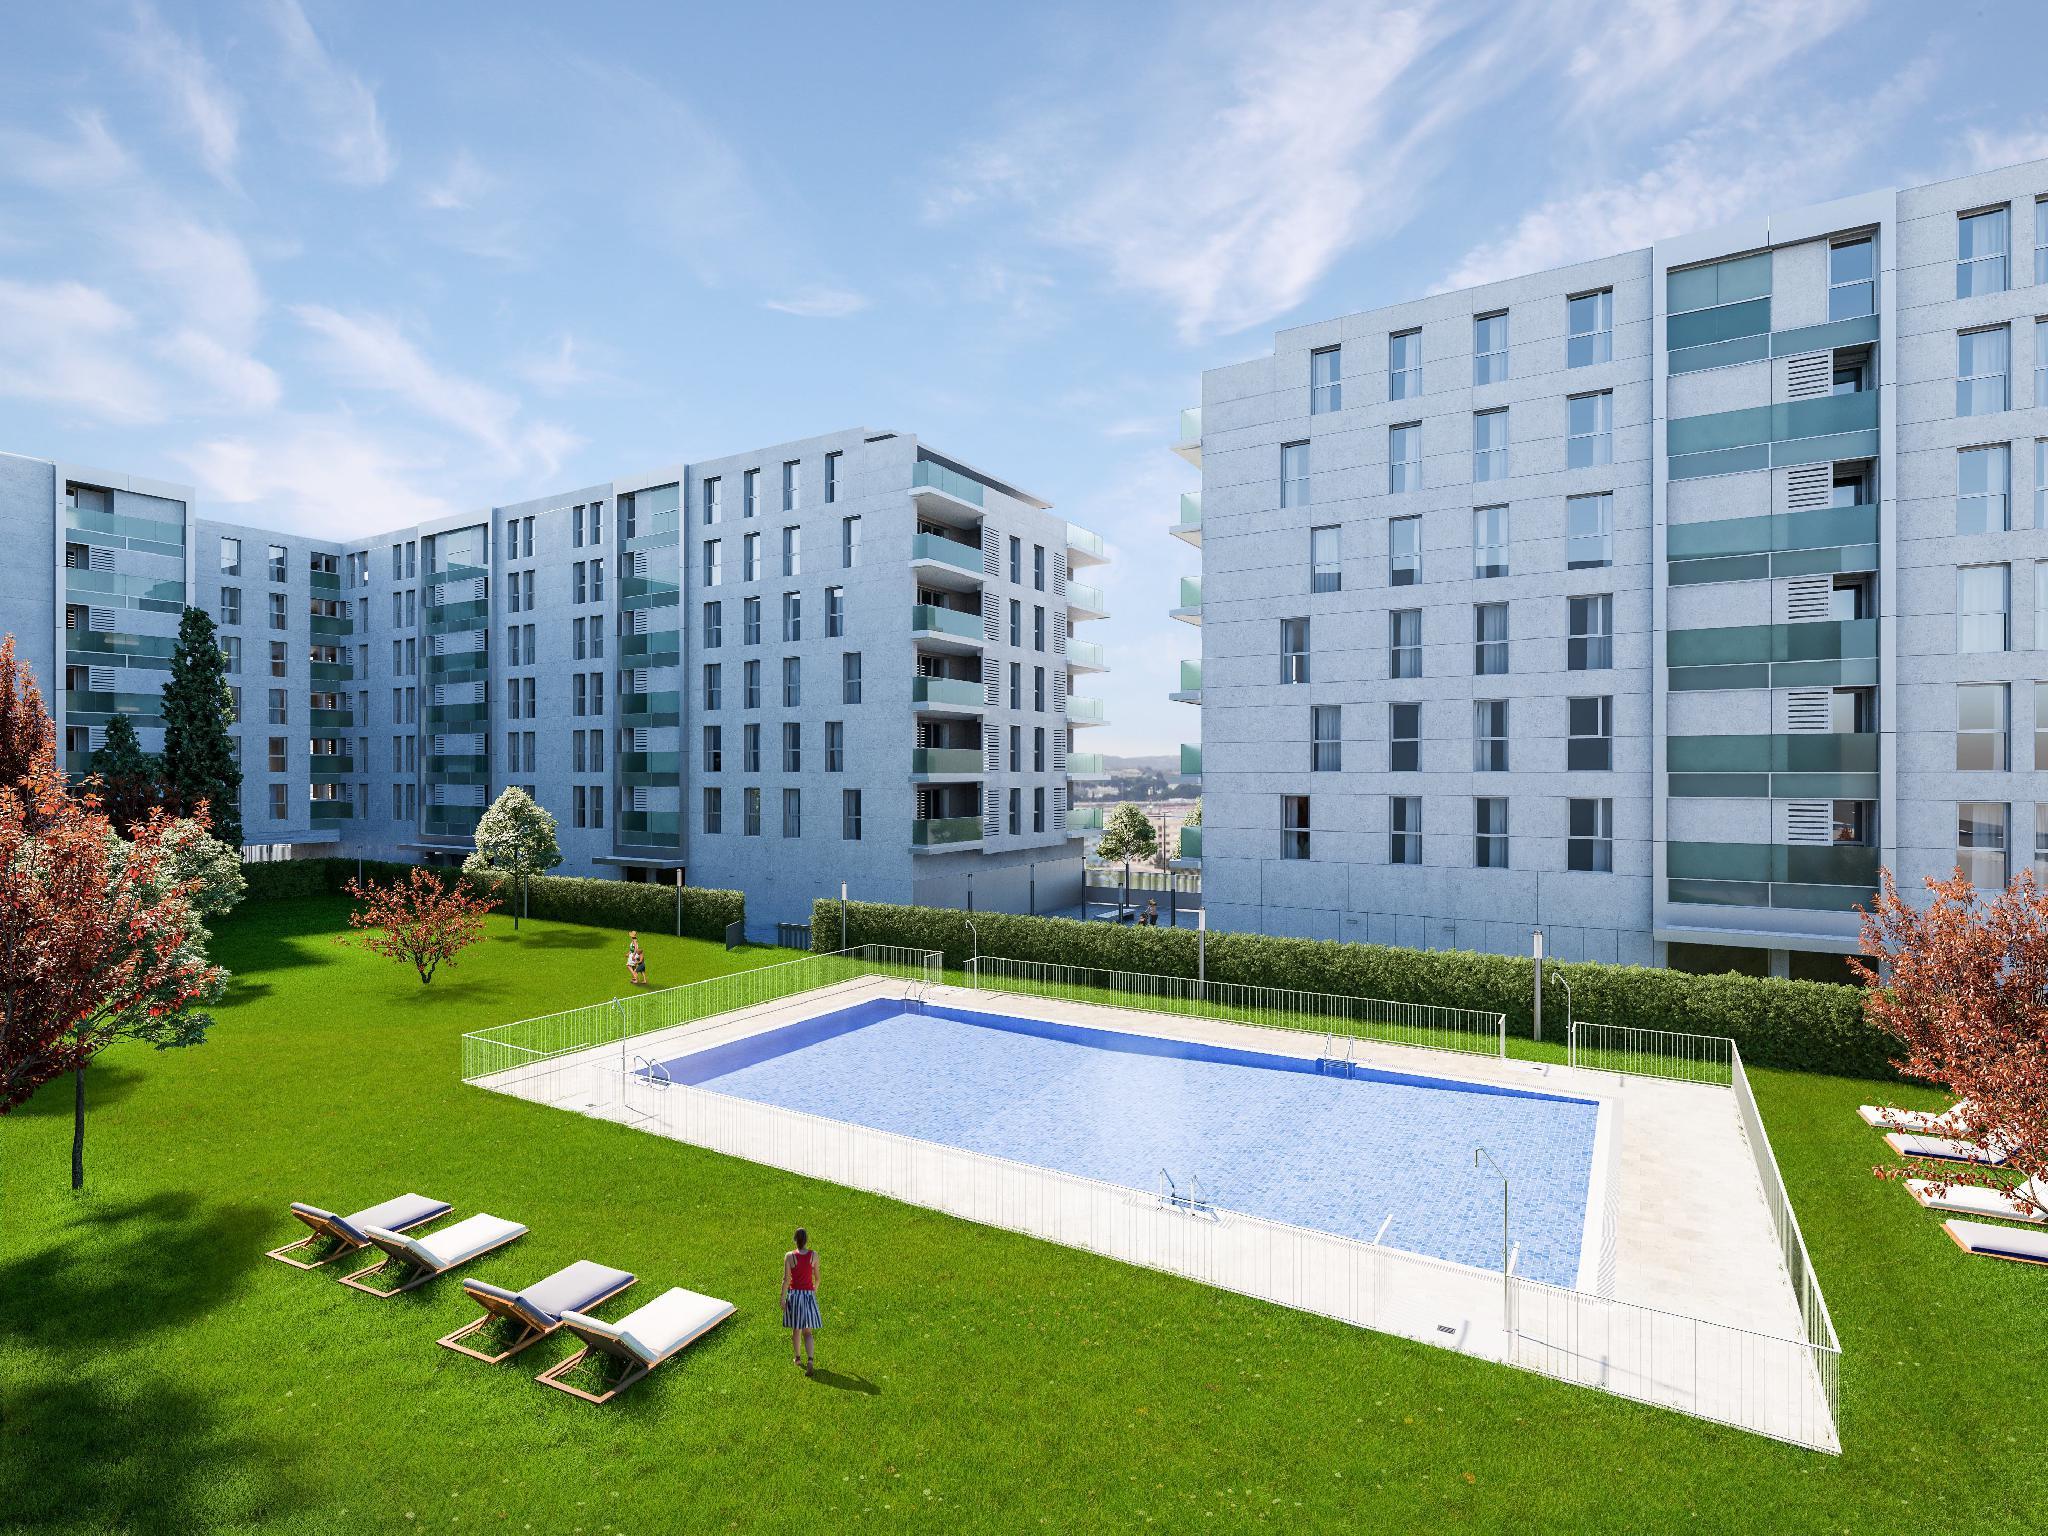 Venta de Casas y Pisos en Cuarte De Huerva - donpiso inmobiliaria